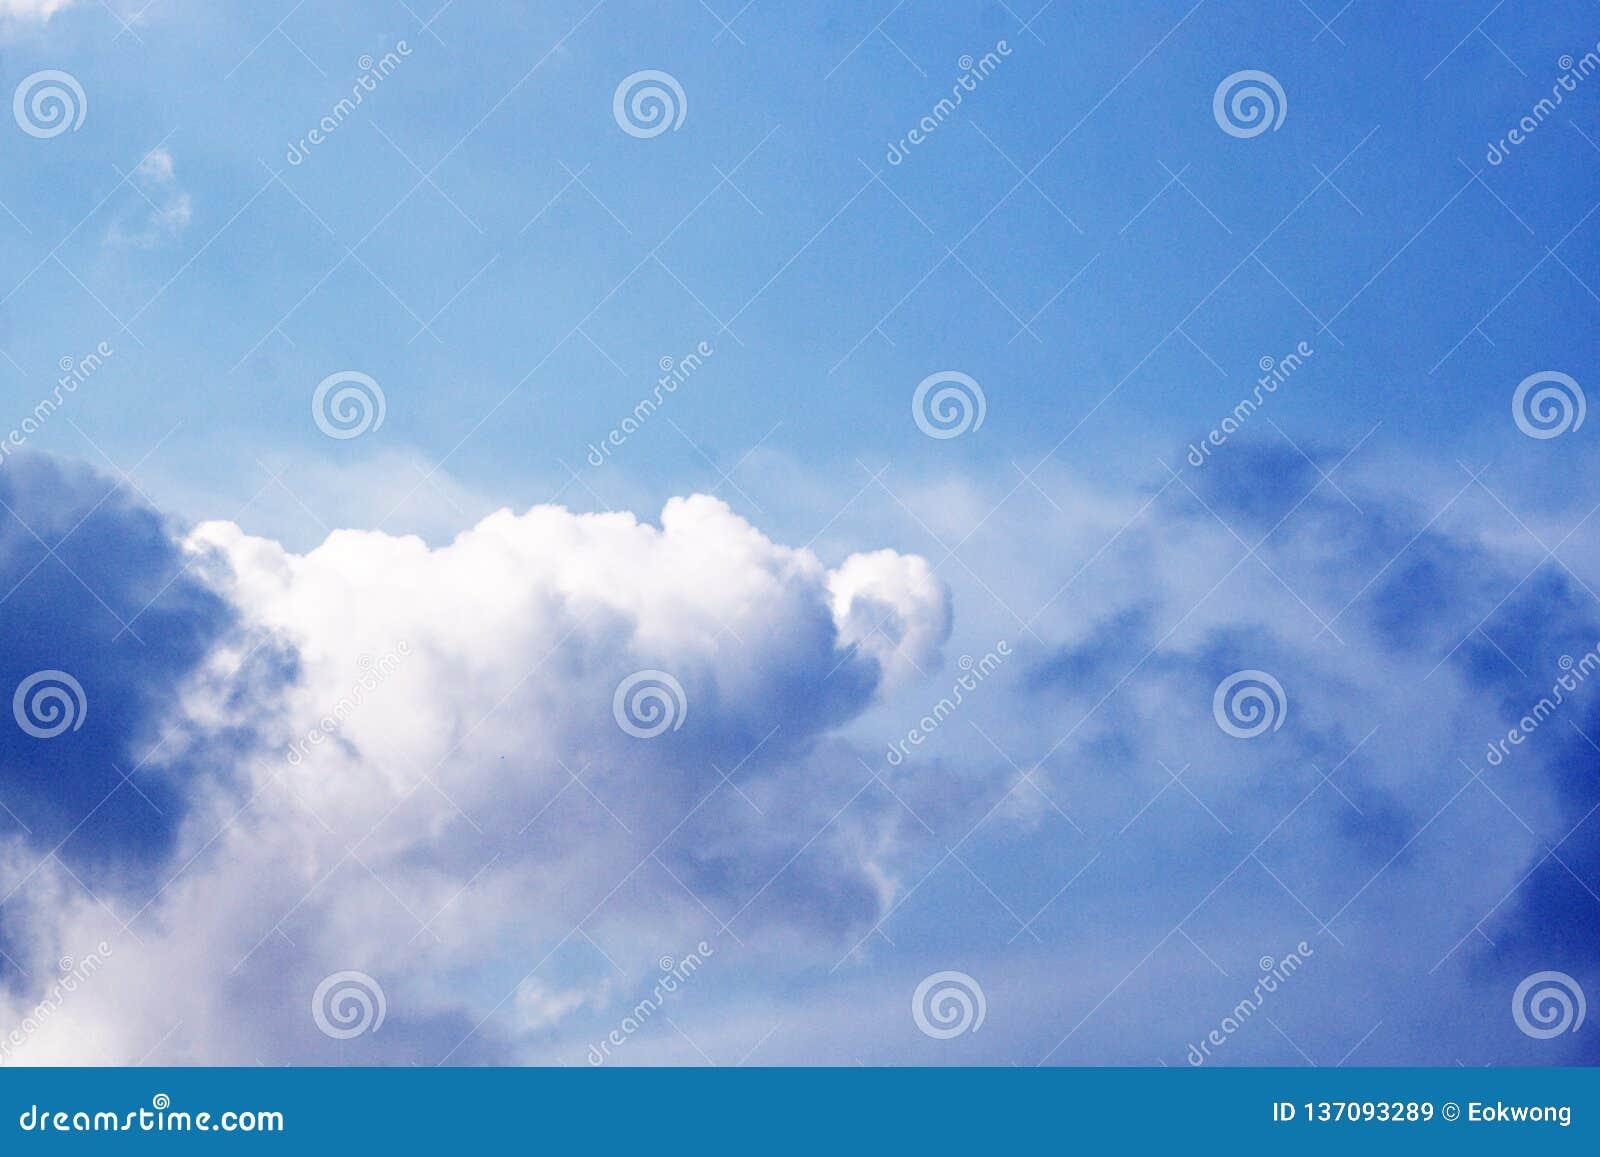 Miękki biel chmurnieje na niebieskim niebie ładna pogoda - duża wysokość -